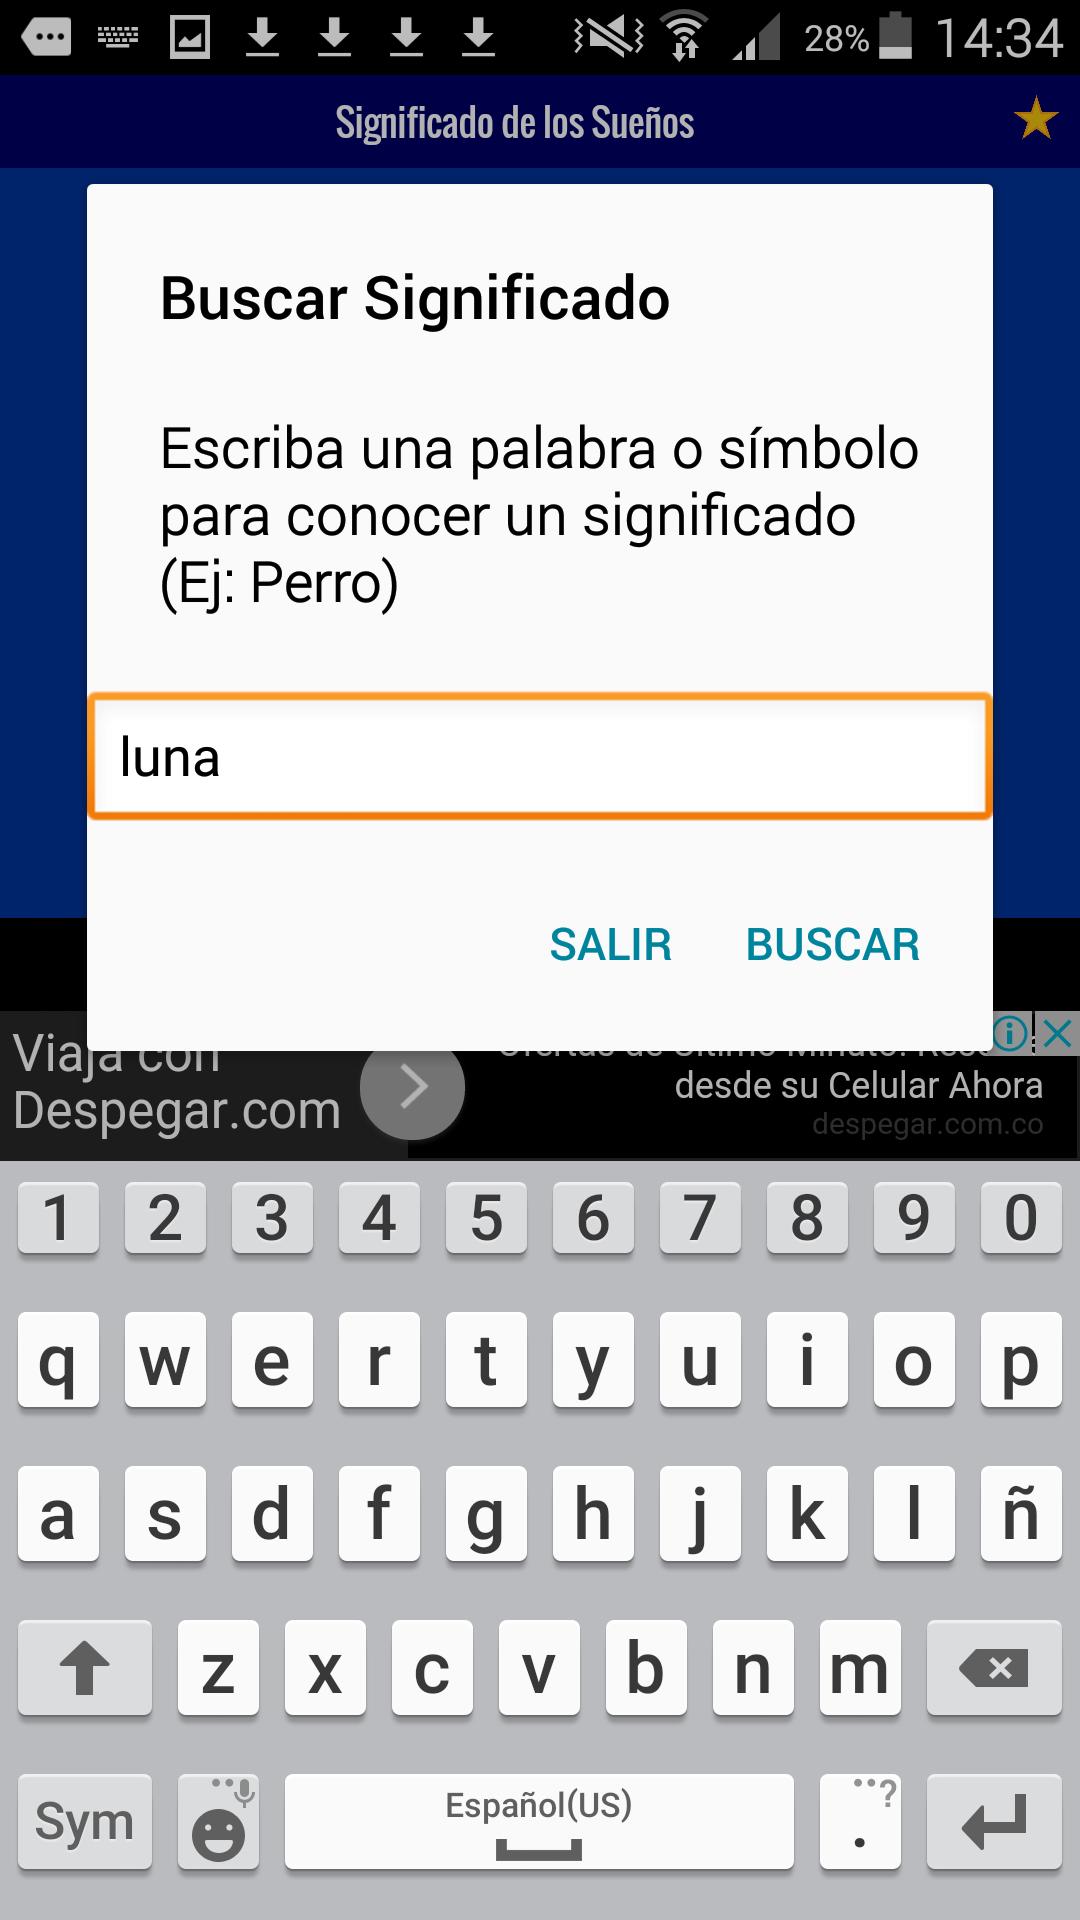 Significado de los Sueños (GRATIS): Amazon.es: Appstore